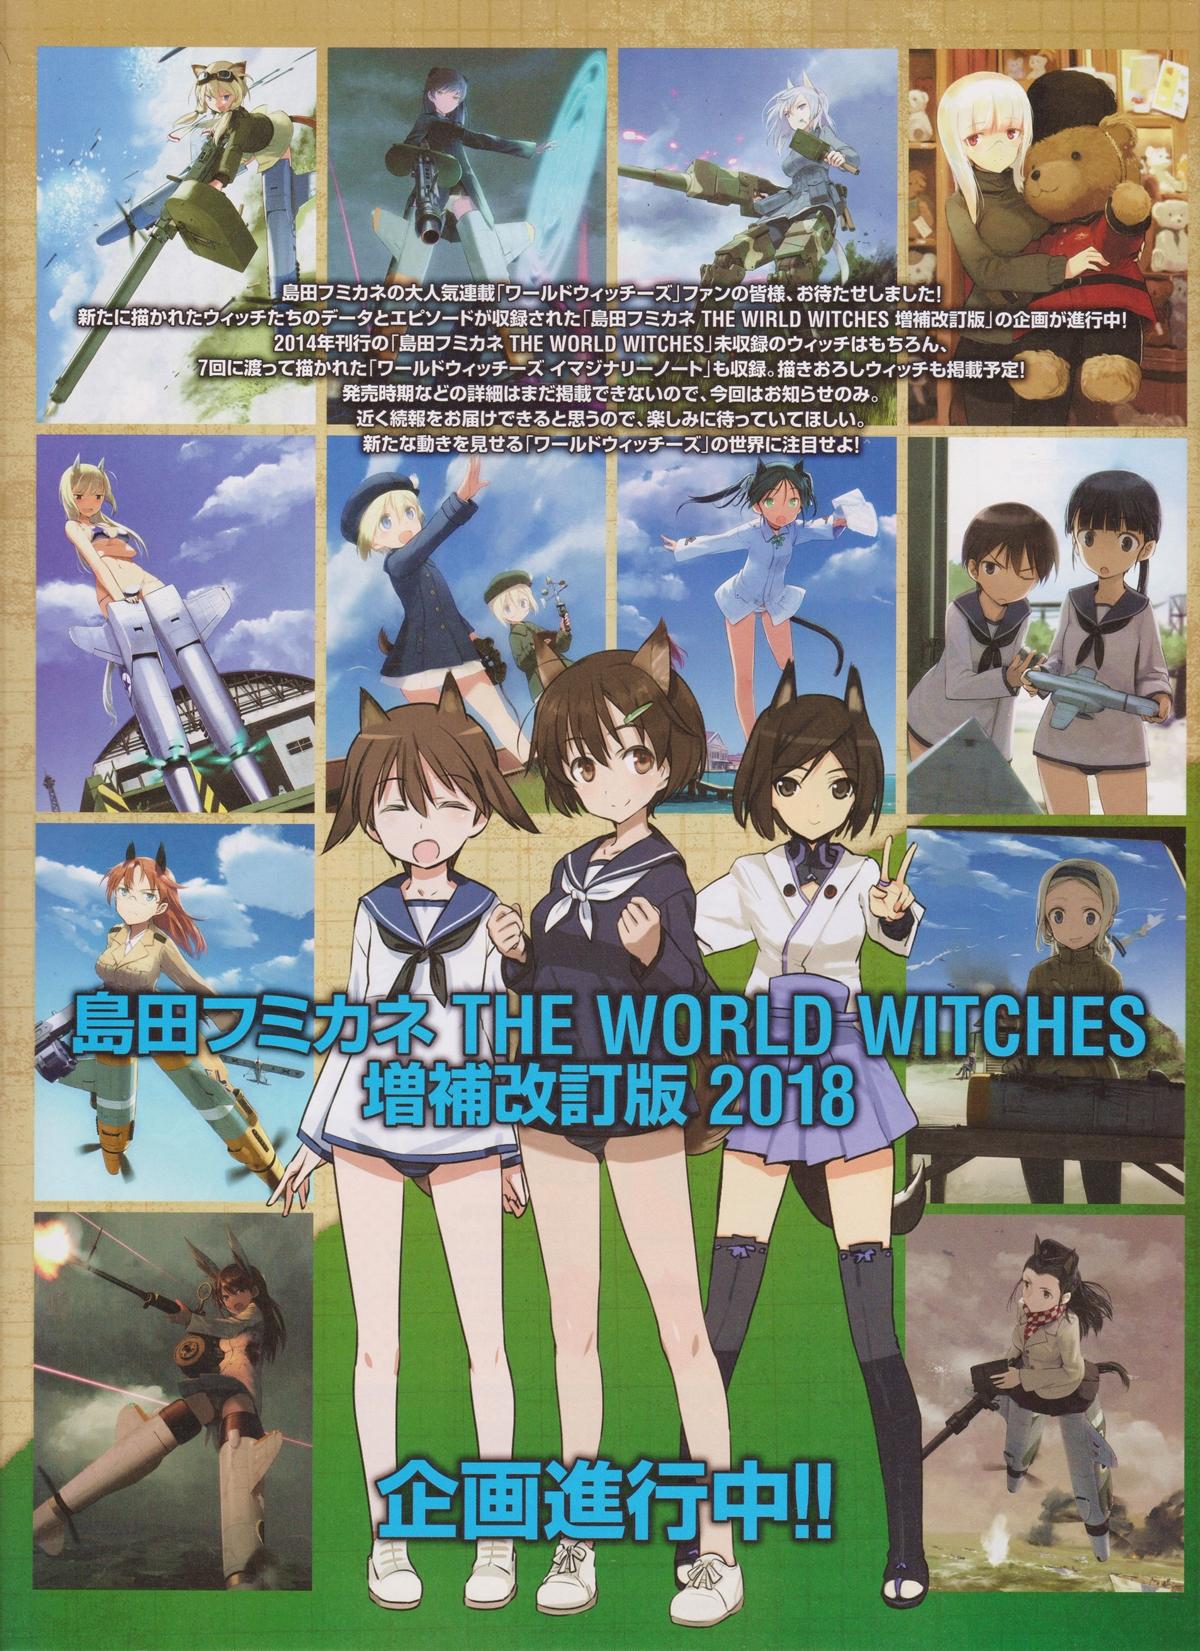 WWG2.jpg